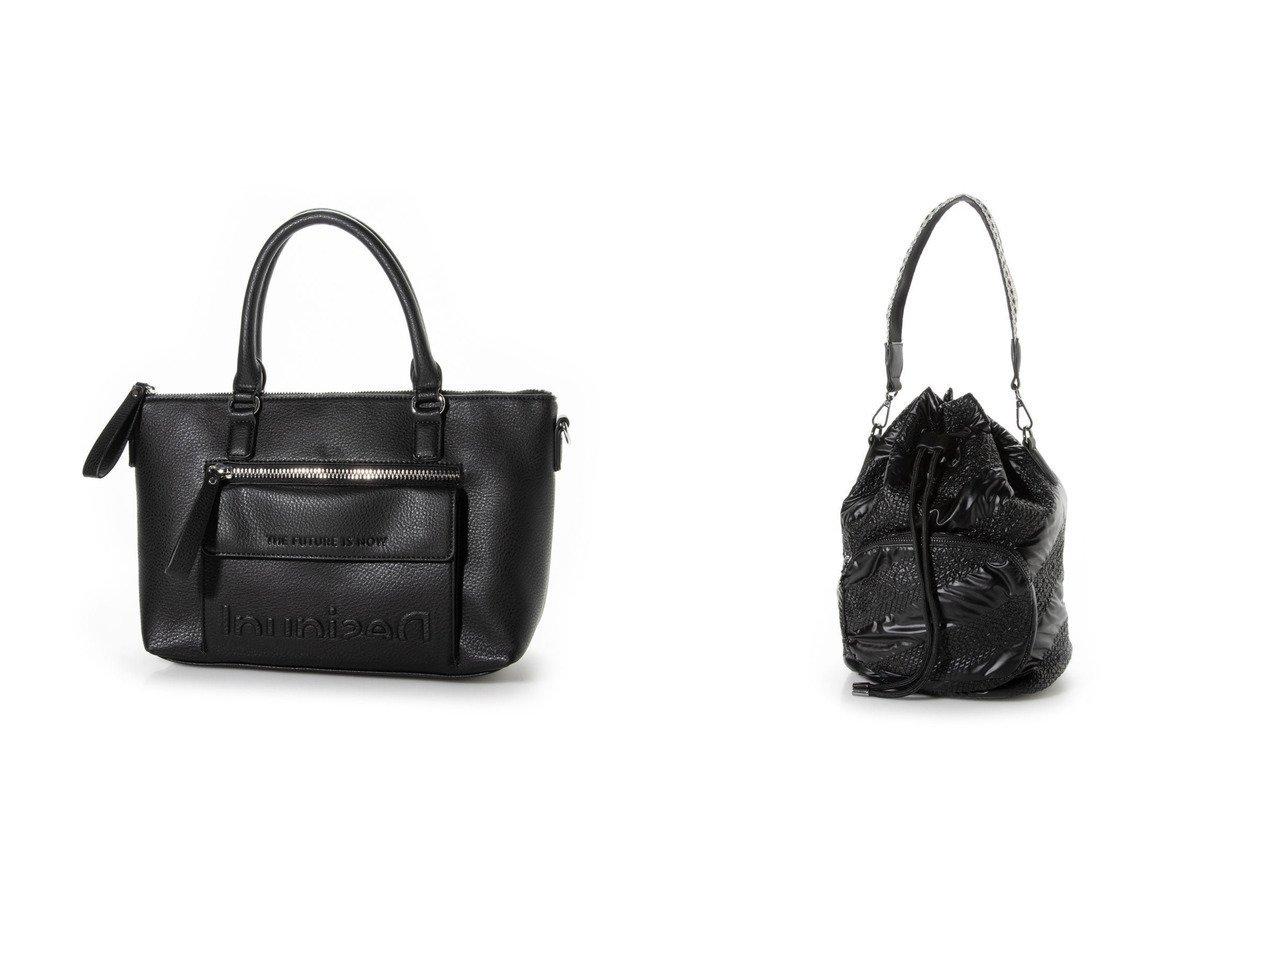 【Desigual/デシグアル】のハンドバッグ EMBOSSED HALF LOGO PADUA&ハンドバッグ TAIPEI NATAL MAXI バッグ・鞄のおすすめ!人気、トレンド・レディースファッションの通販 おすすめで人気の流行・トレンド、ファッションの通販商品 メンズファッション・キッズファッション・インテリア・家具・レディースファッション・服の通販 founy(ファニー) https://founy.com/ ファッション Fashion レディースファッション WOMEN 2021年 2021 2021 春夏 S/S SS Spring/Summer 2021 S/S 春夏 SS Spring/Summer カラフル ストレート ハンドバッグ フラップ ポケット ラップ 春 Spring 財布  ID:crp329100000016339